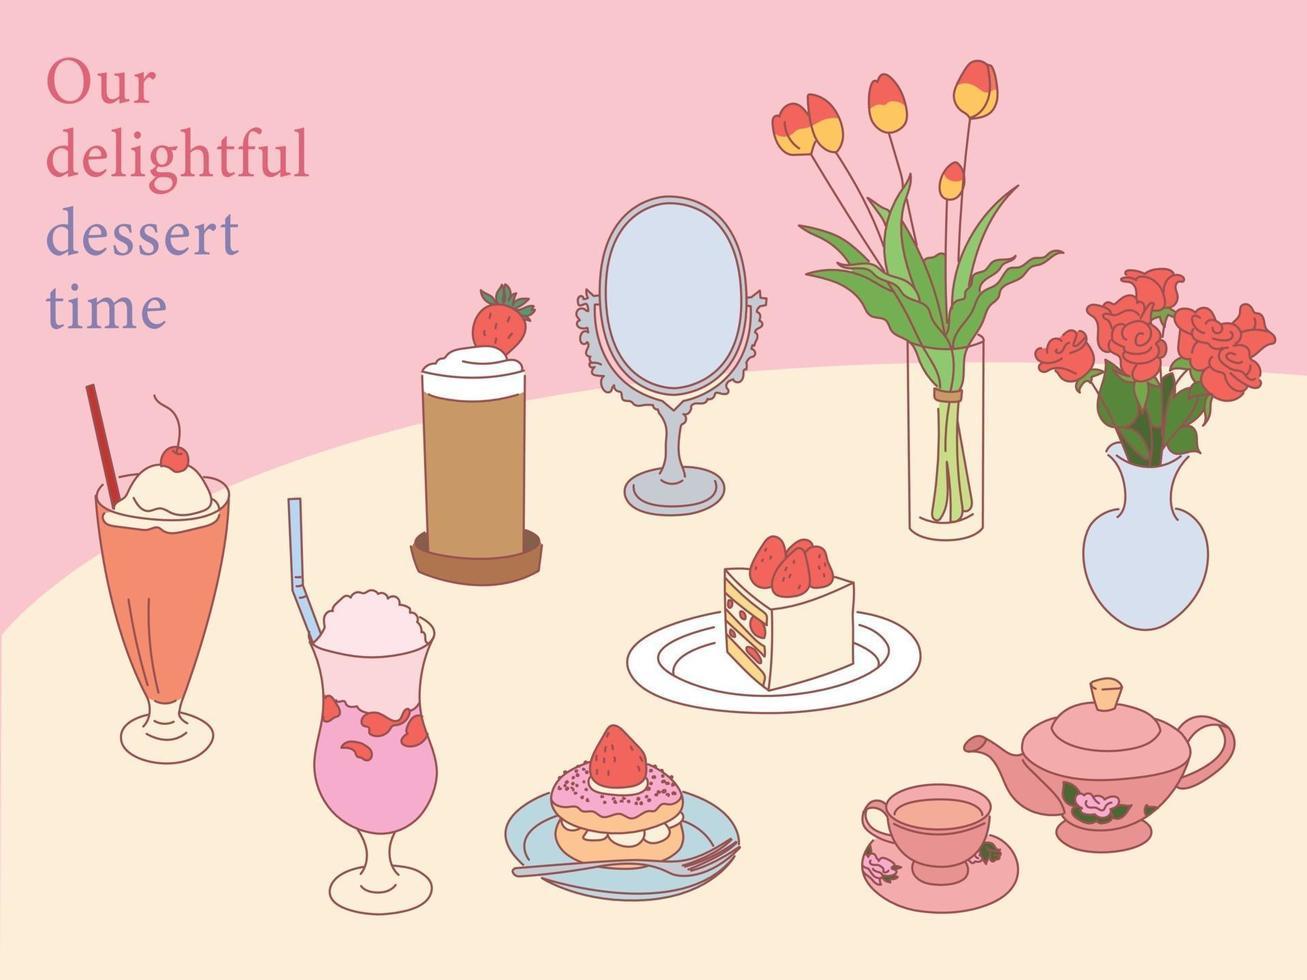 romantische aardbeidesserts op tafel. hand getrokken stijl vector ontwerp illustraties.